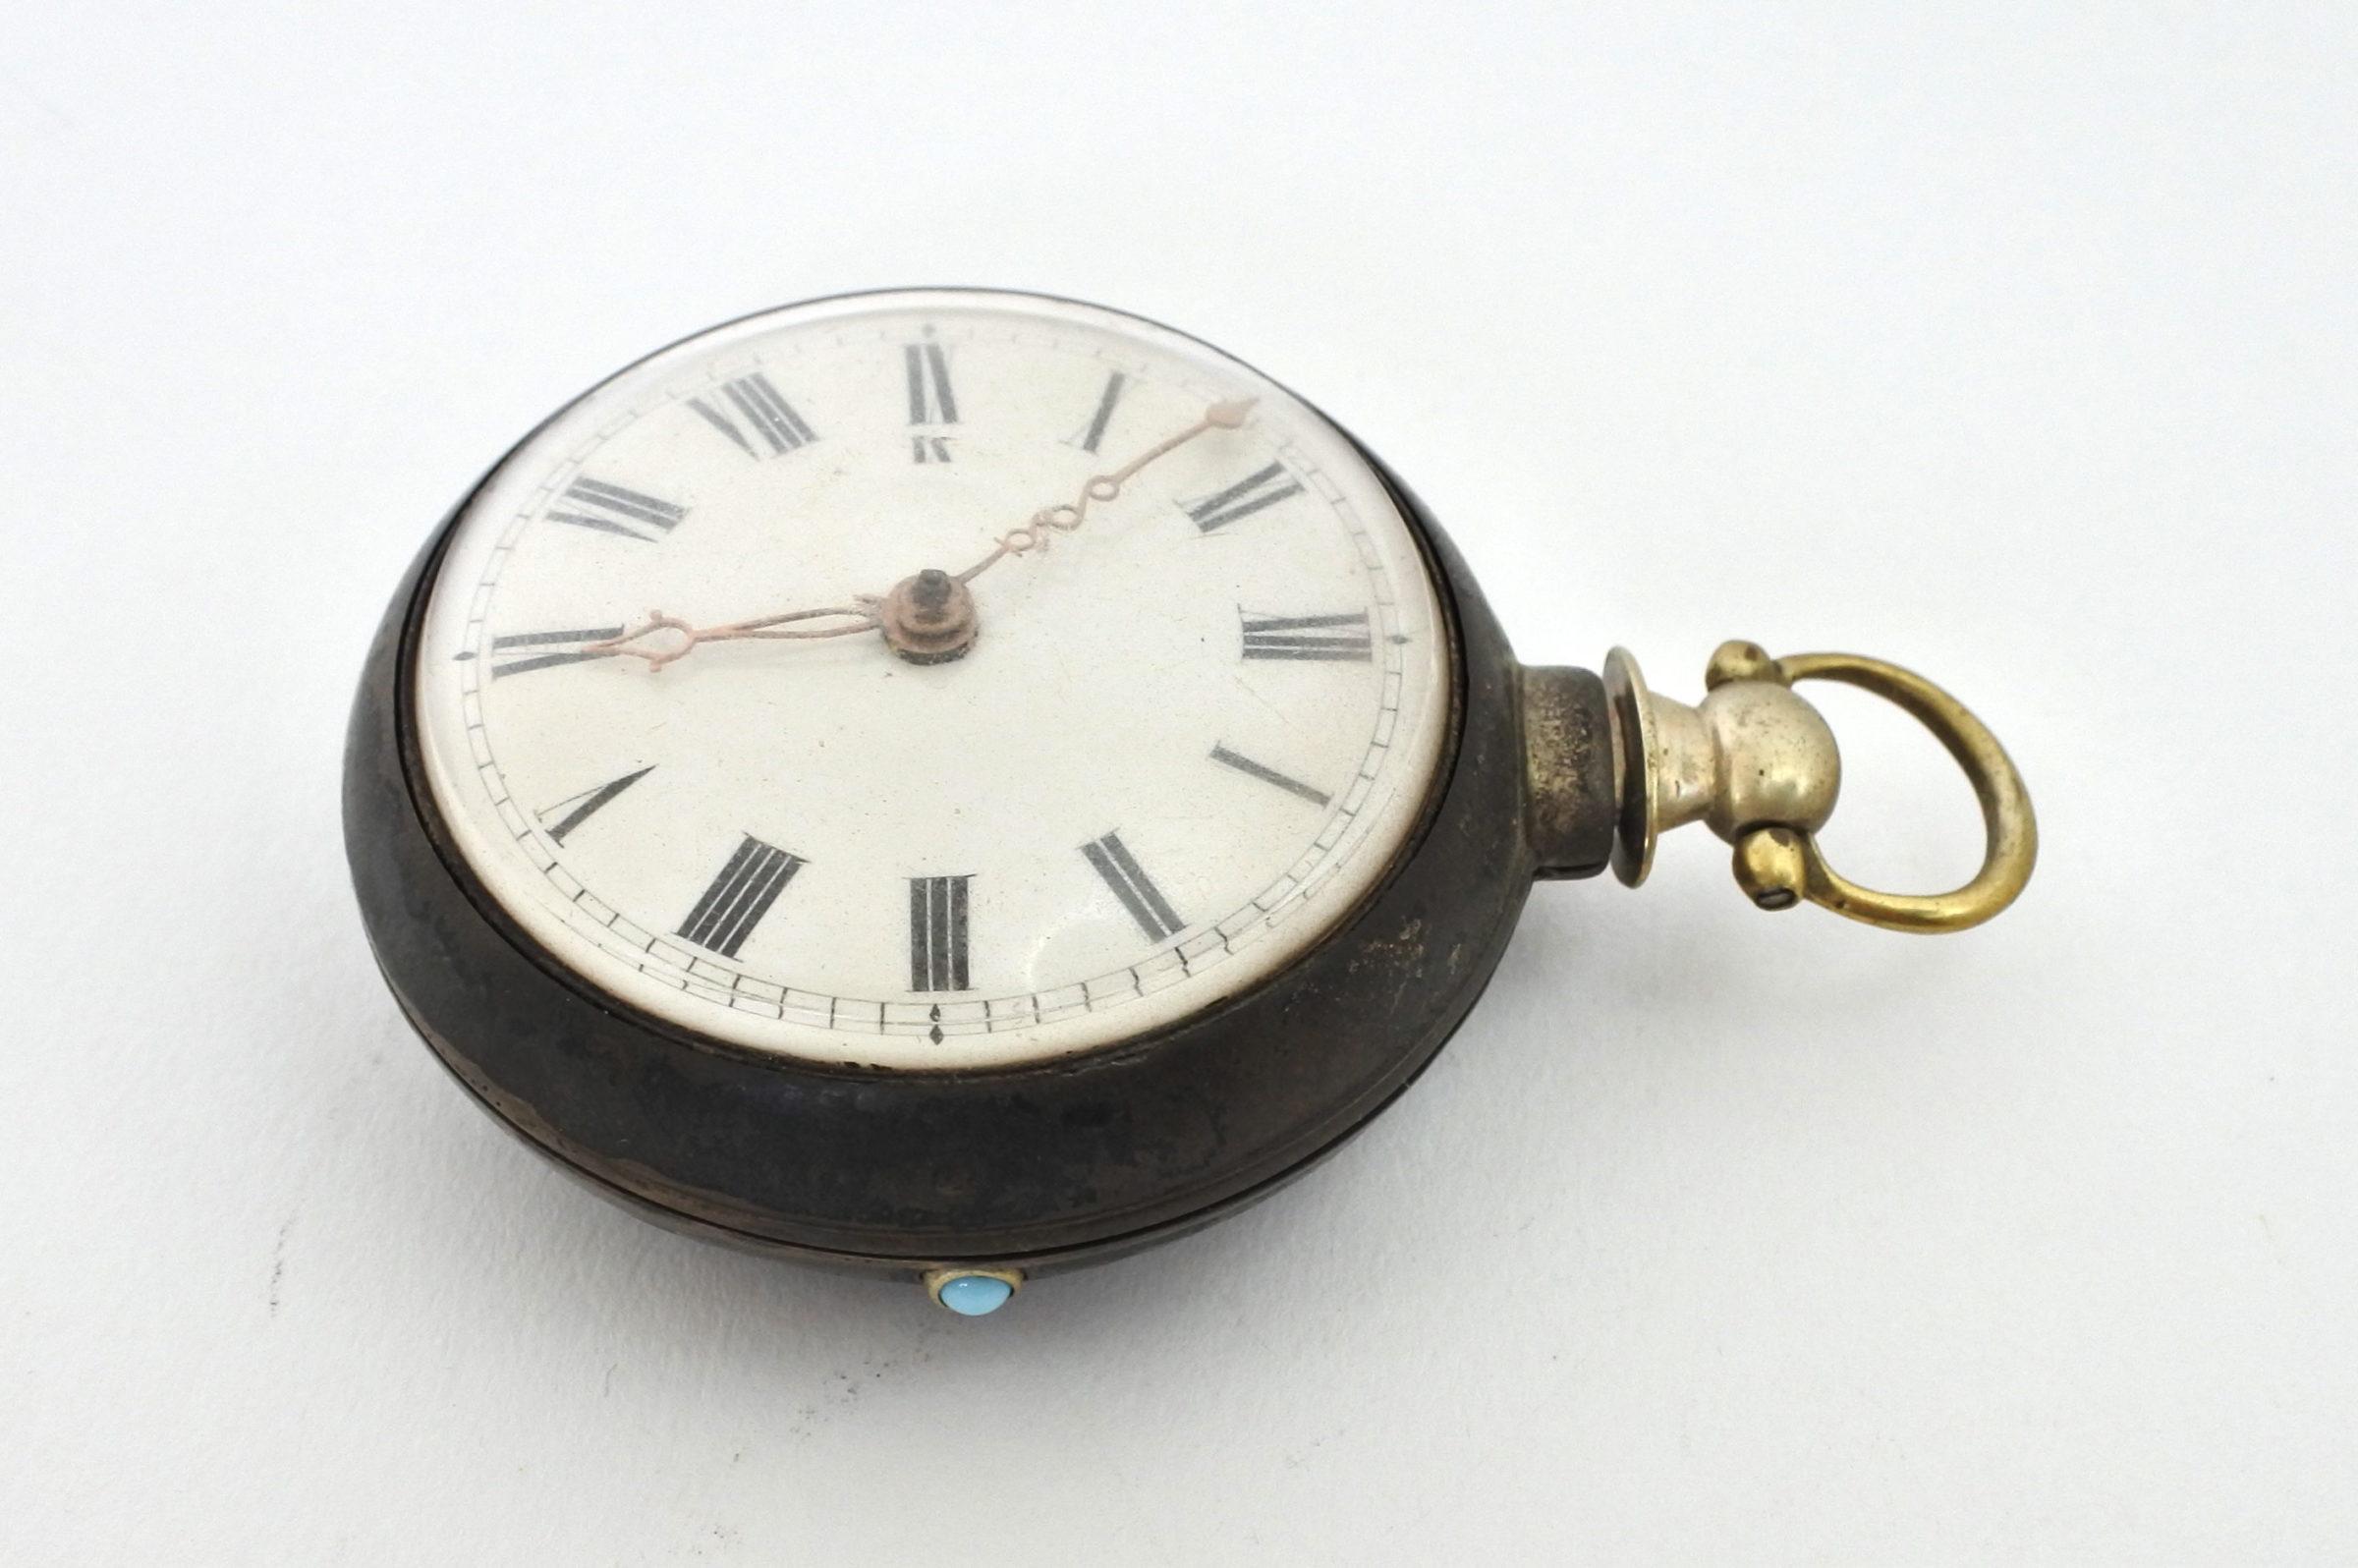 Orologio da tasca – ribaltina corredata di copri cassa in nickel - 2